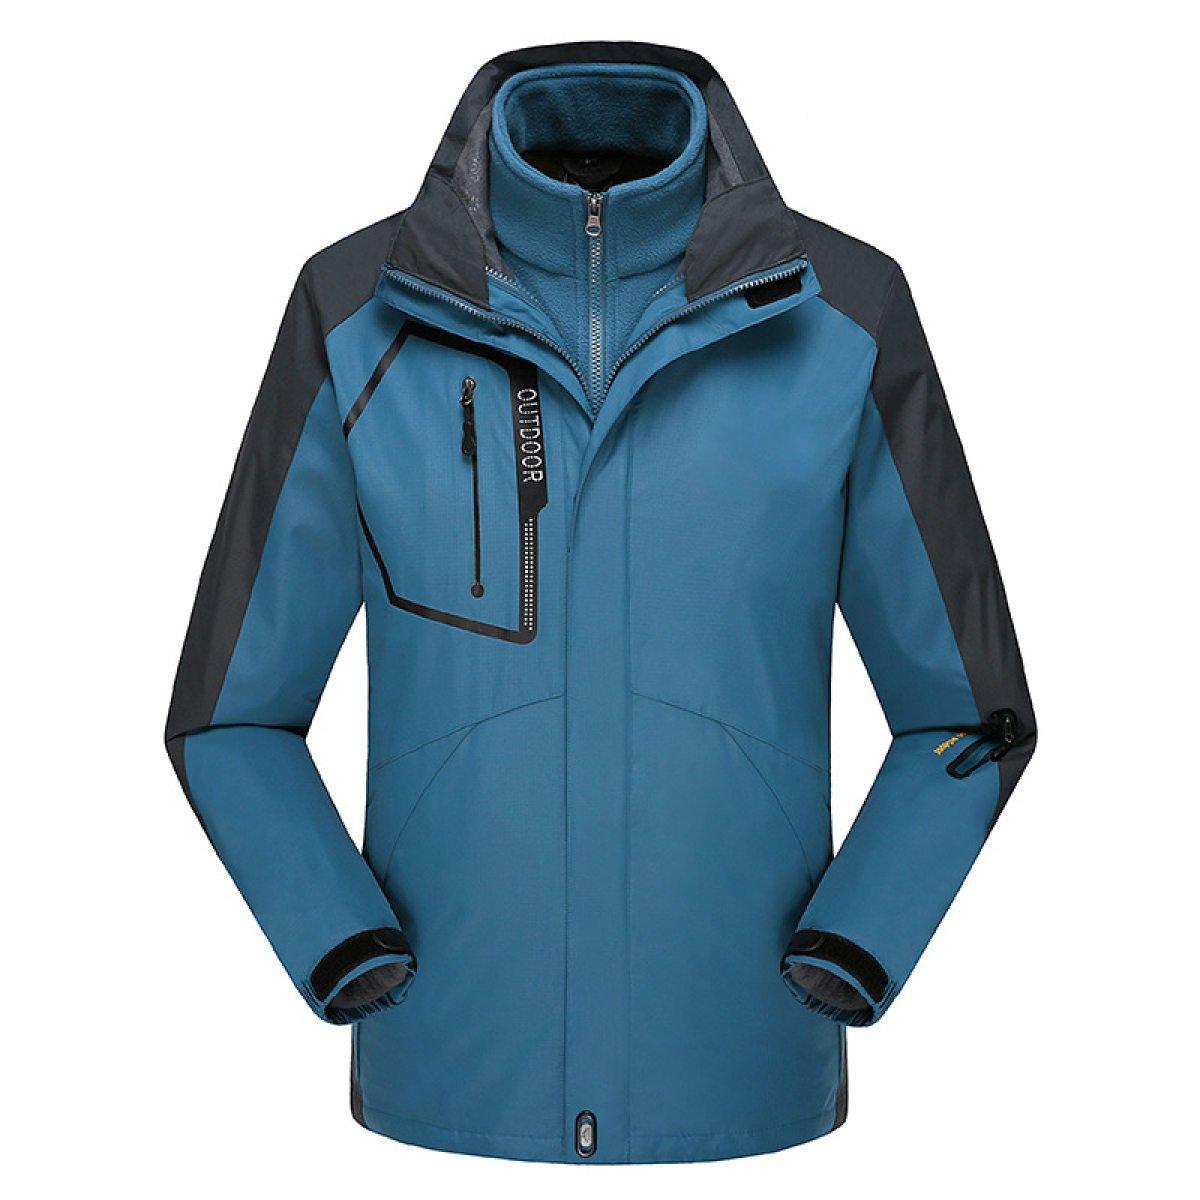 A XXL Imperméable Veste Imperméable Sportswear Design Extérieur à Capuche Soft Shell Camping Randonnée Mountaineer Vestes De Voyage